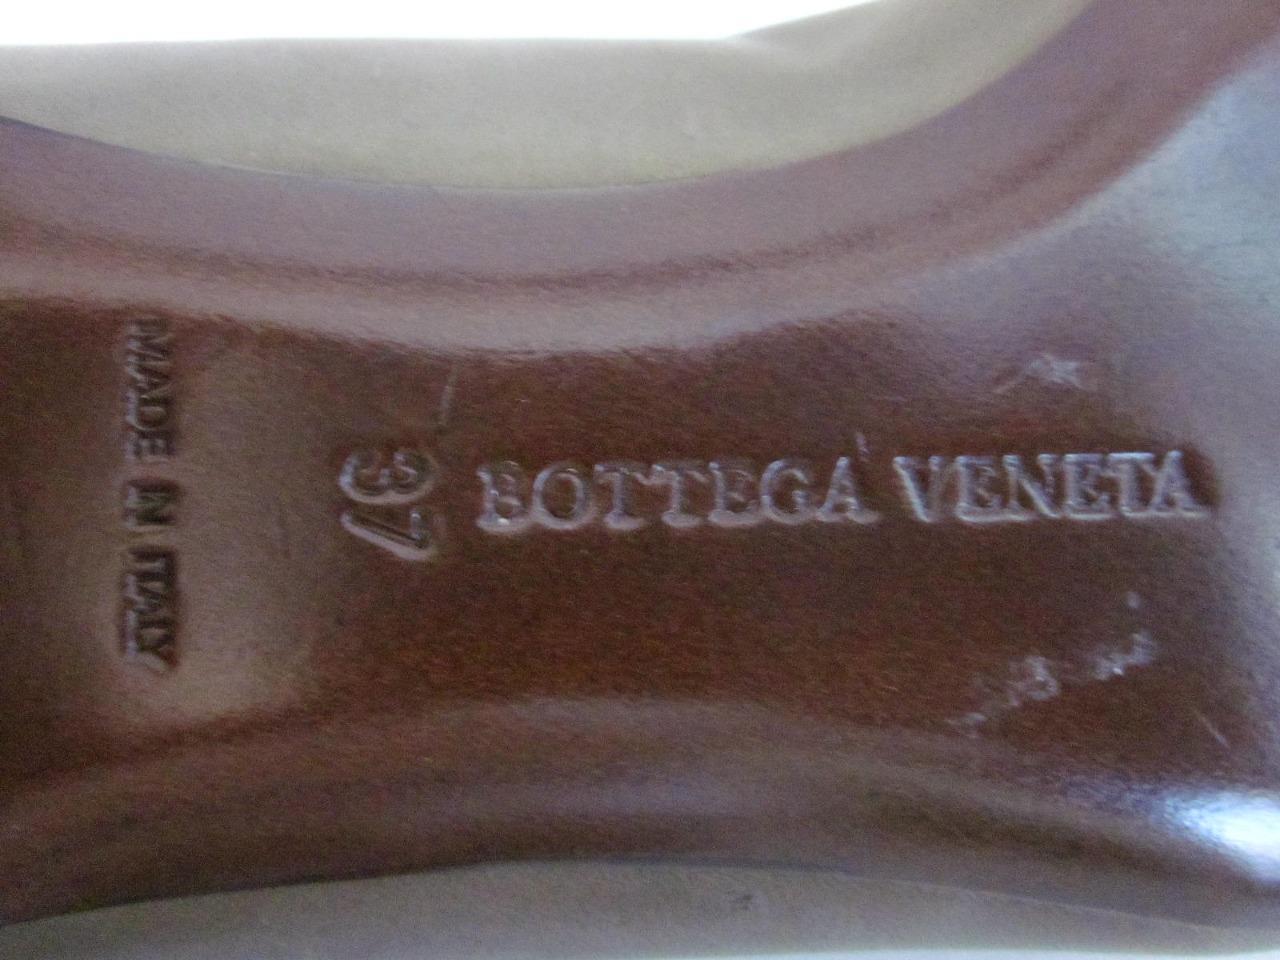 Nuevo BOTTEGA VENETA VENETA BOTTEGA pisos Talla 37 7 marrón cuero bolsa antipolvo RT Esculpidas  950-único e15be5